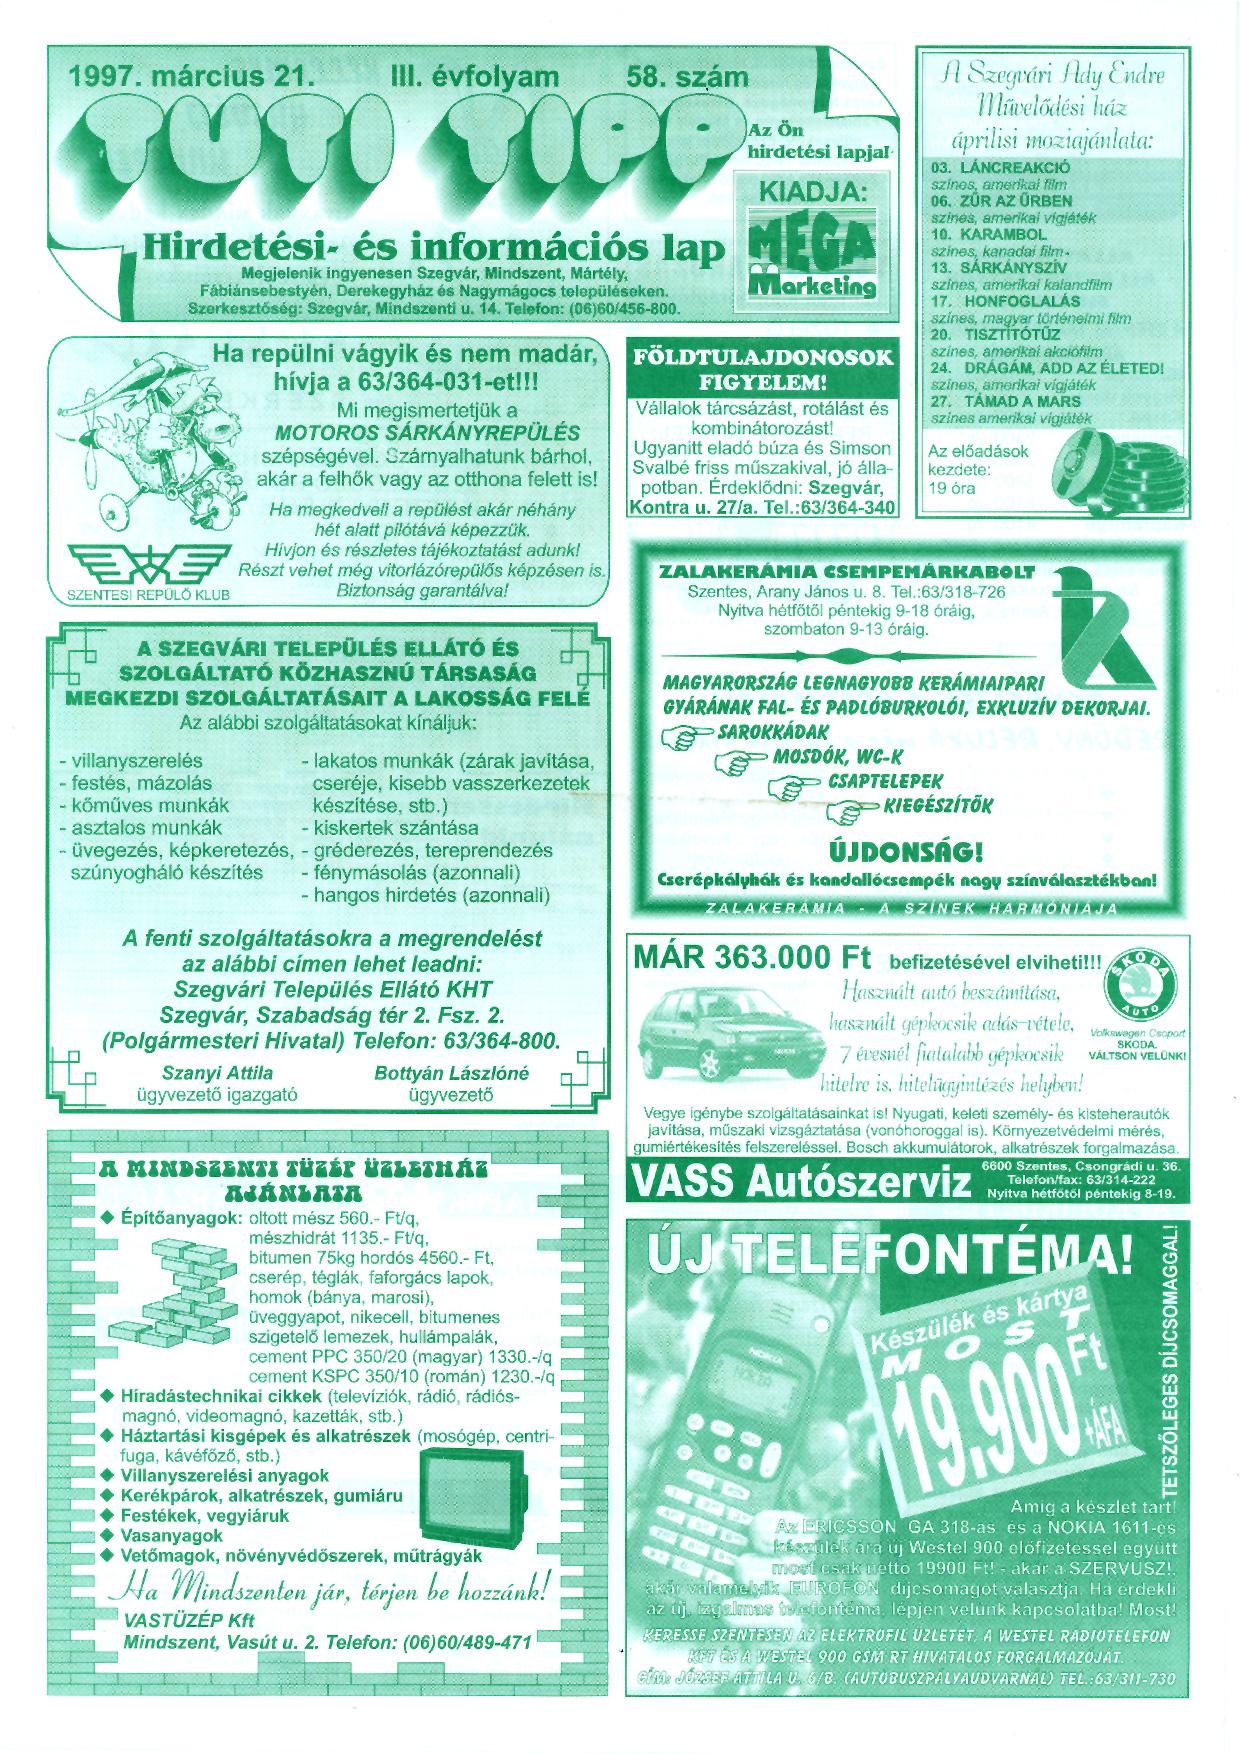 009 Tuti Tipp reklámújság - 19970321-058. lapszám - 1.oldal - III. évfolyam.jpg